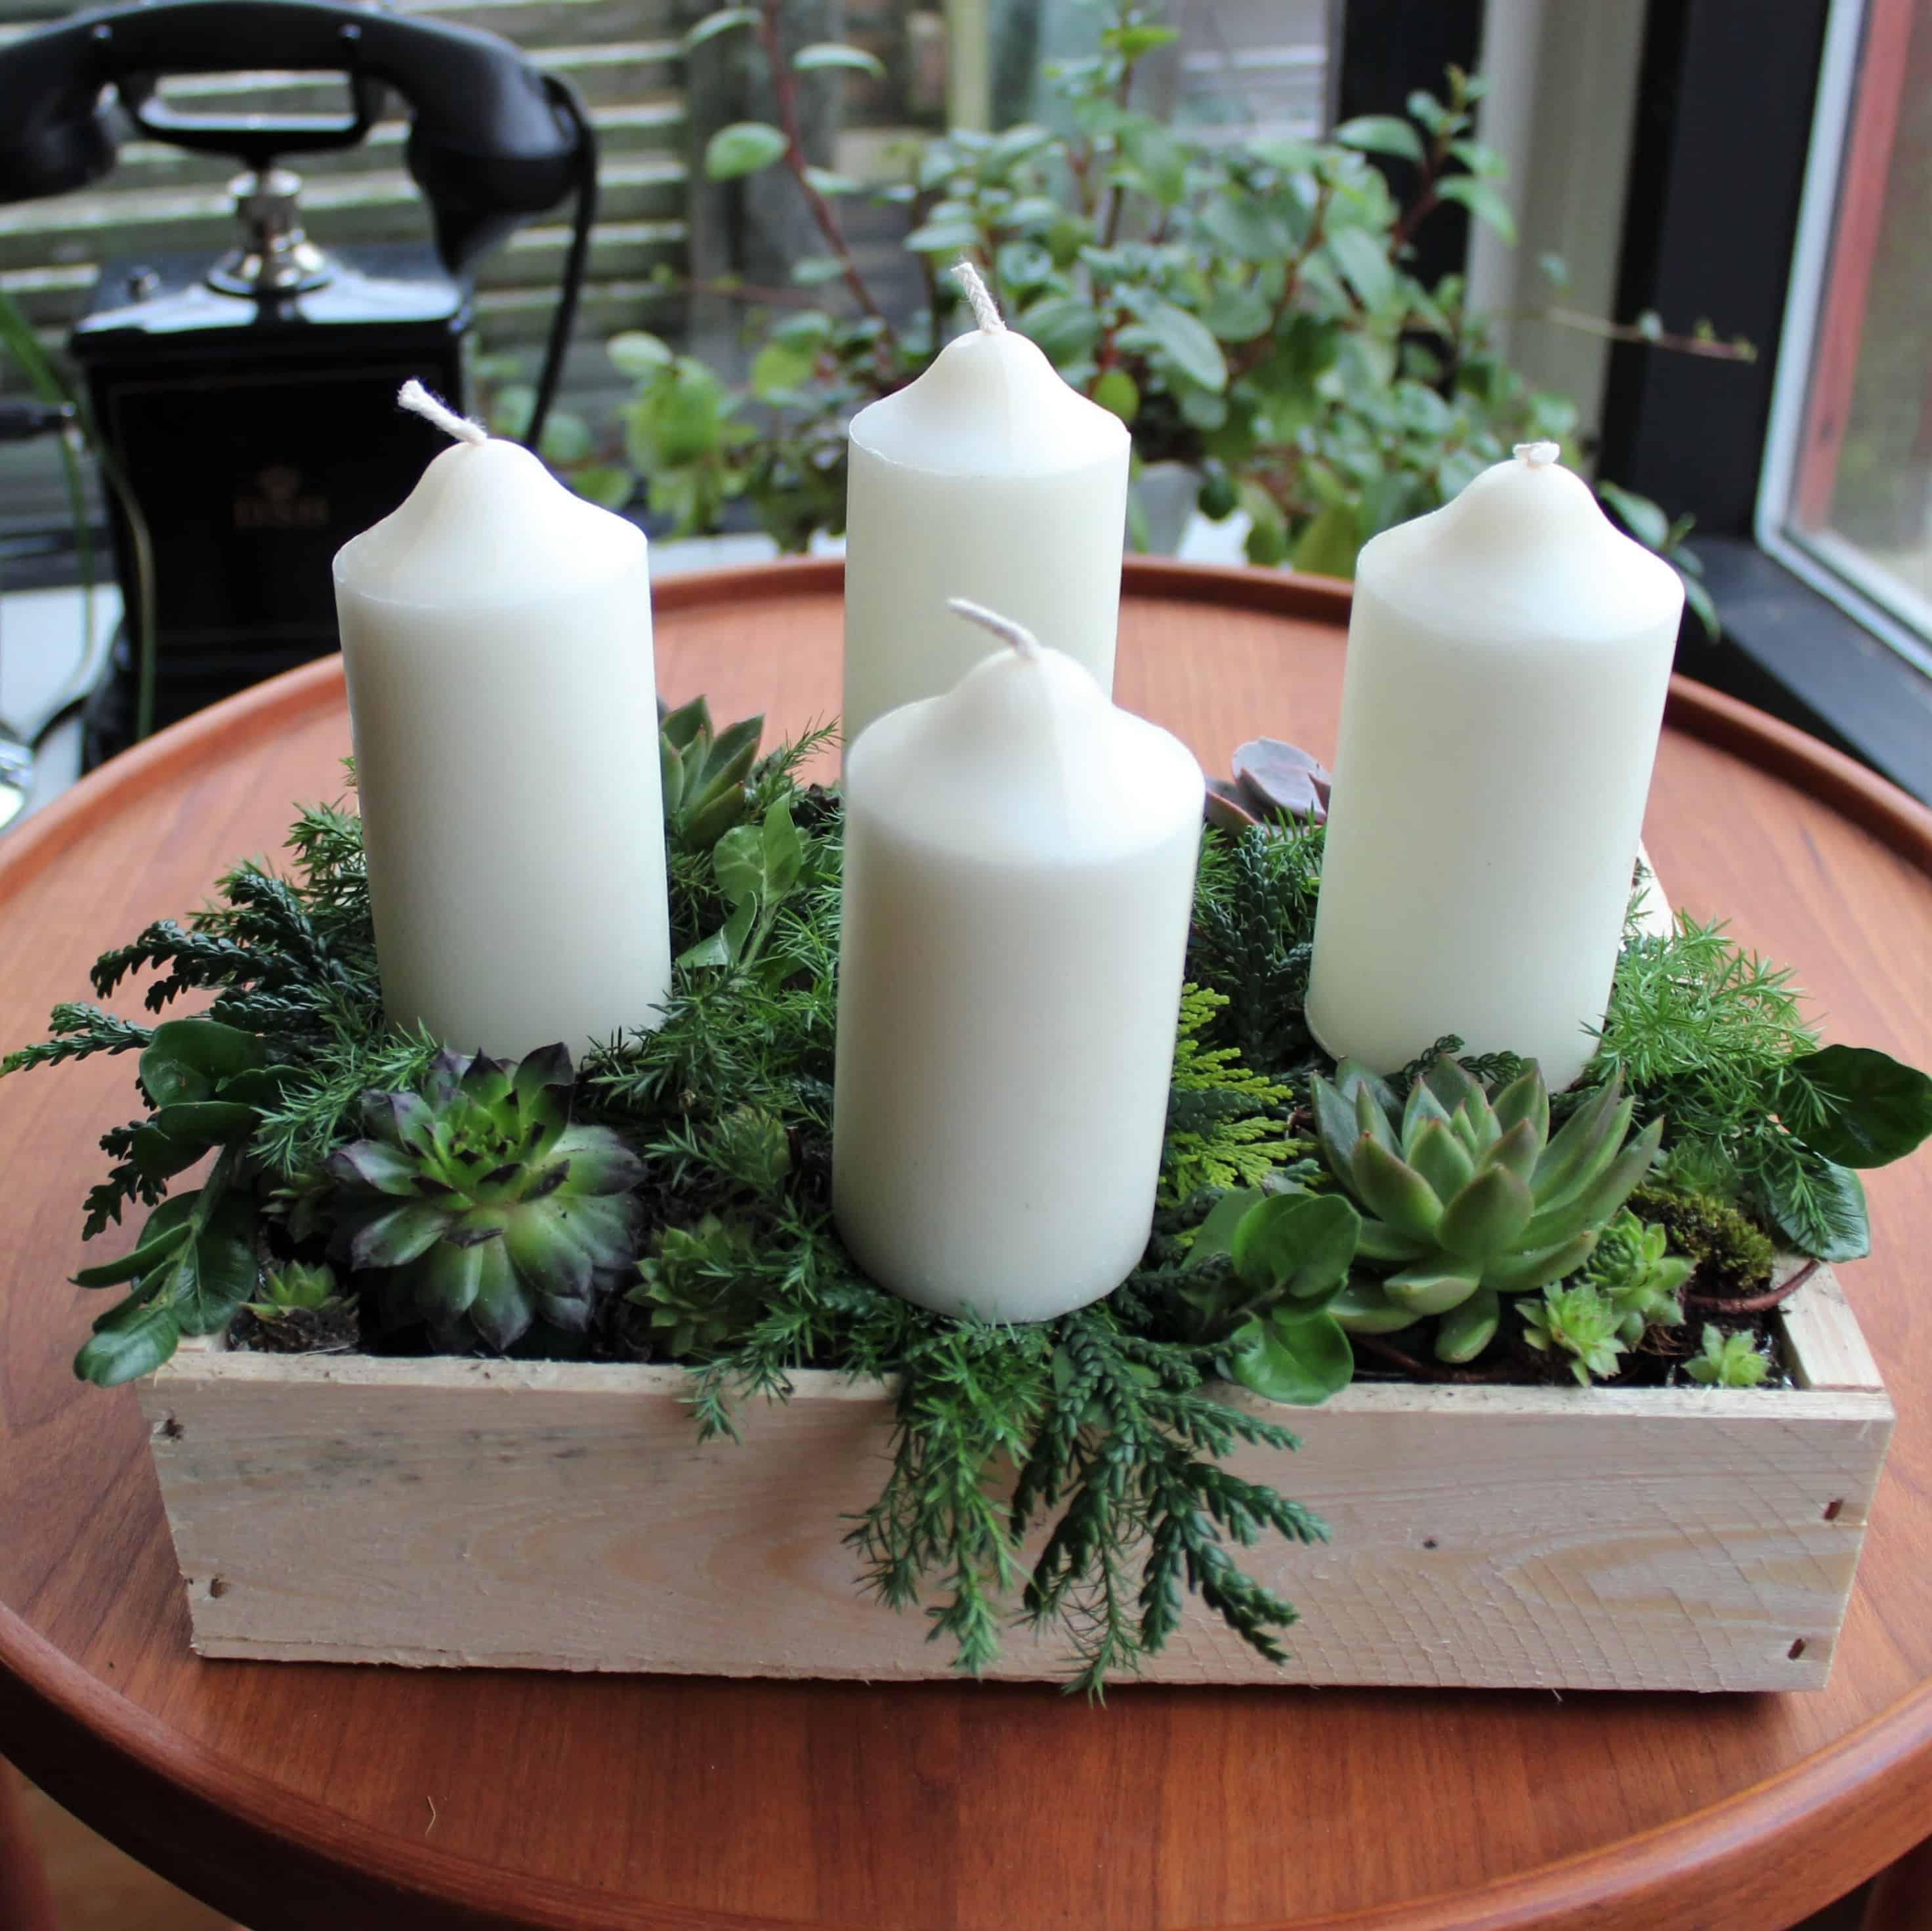 Juledekoration – mere end 24 aktiviteter til jul. Find inspiration til din jul, gratis print og opskrifter på danishthings.com.